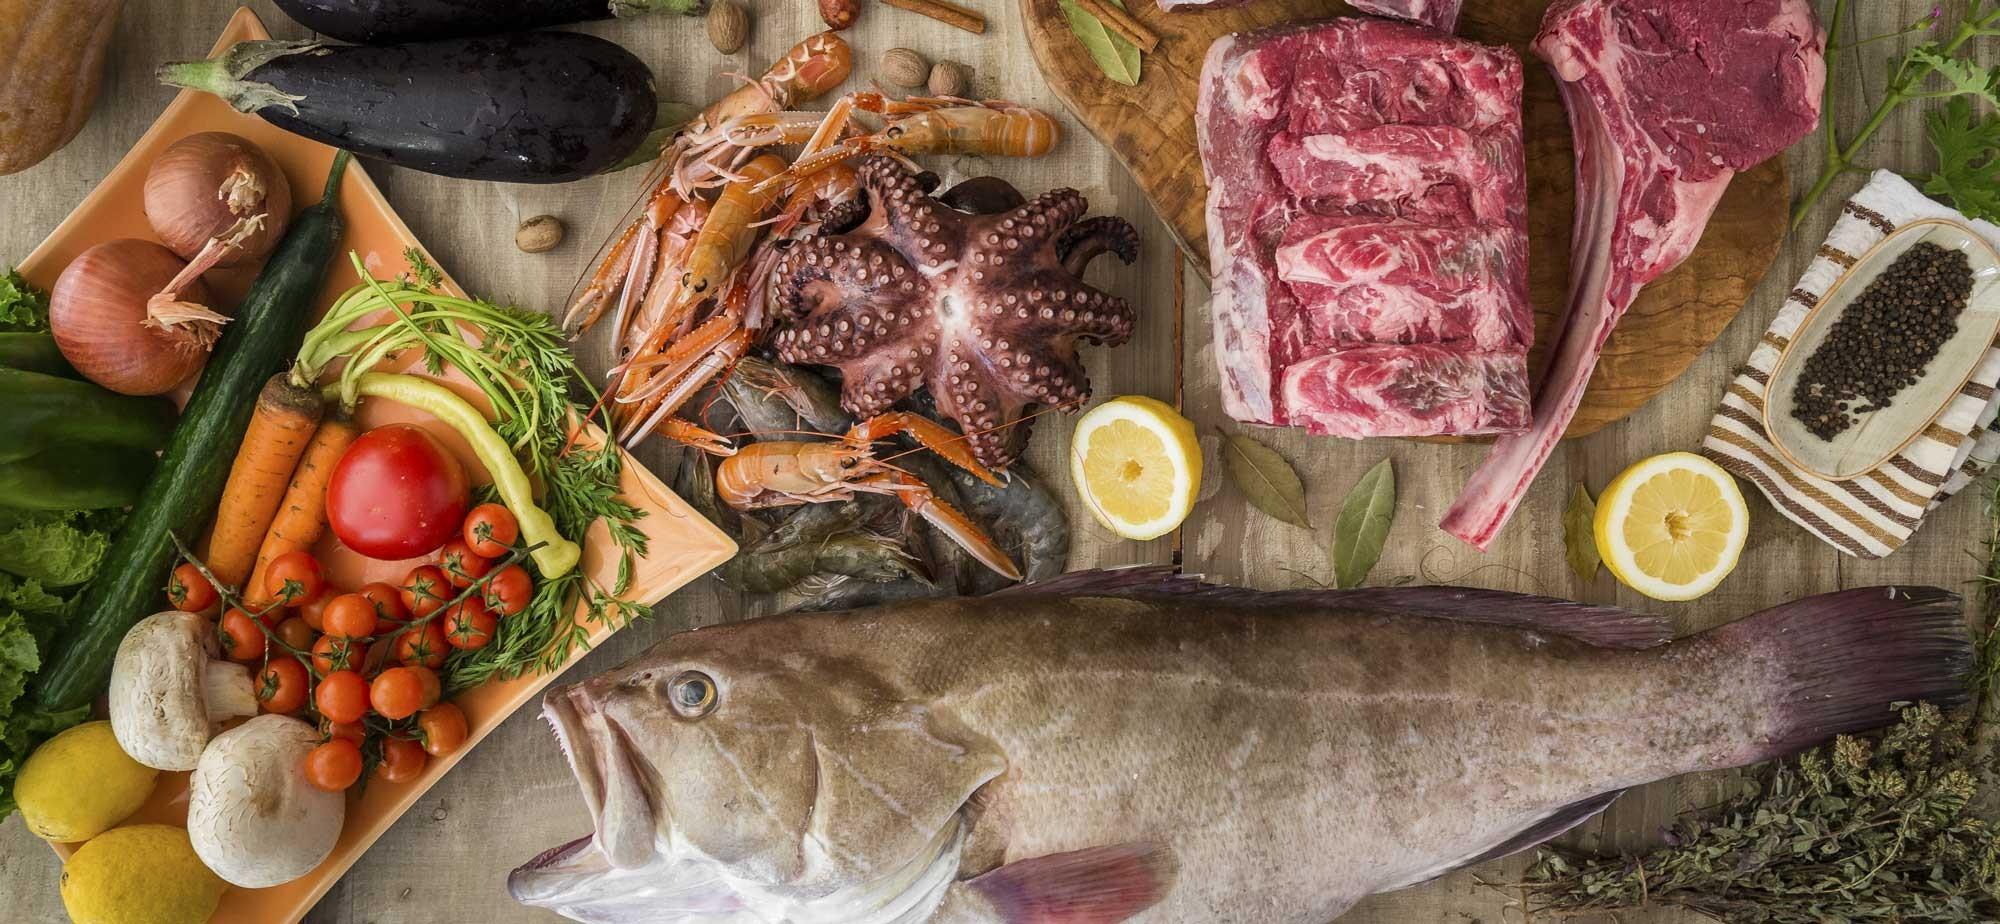 Avli-restaurant-corfu-fresh-ingredients